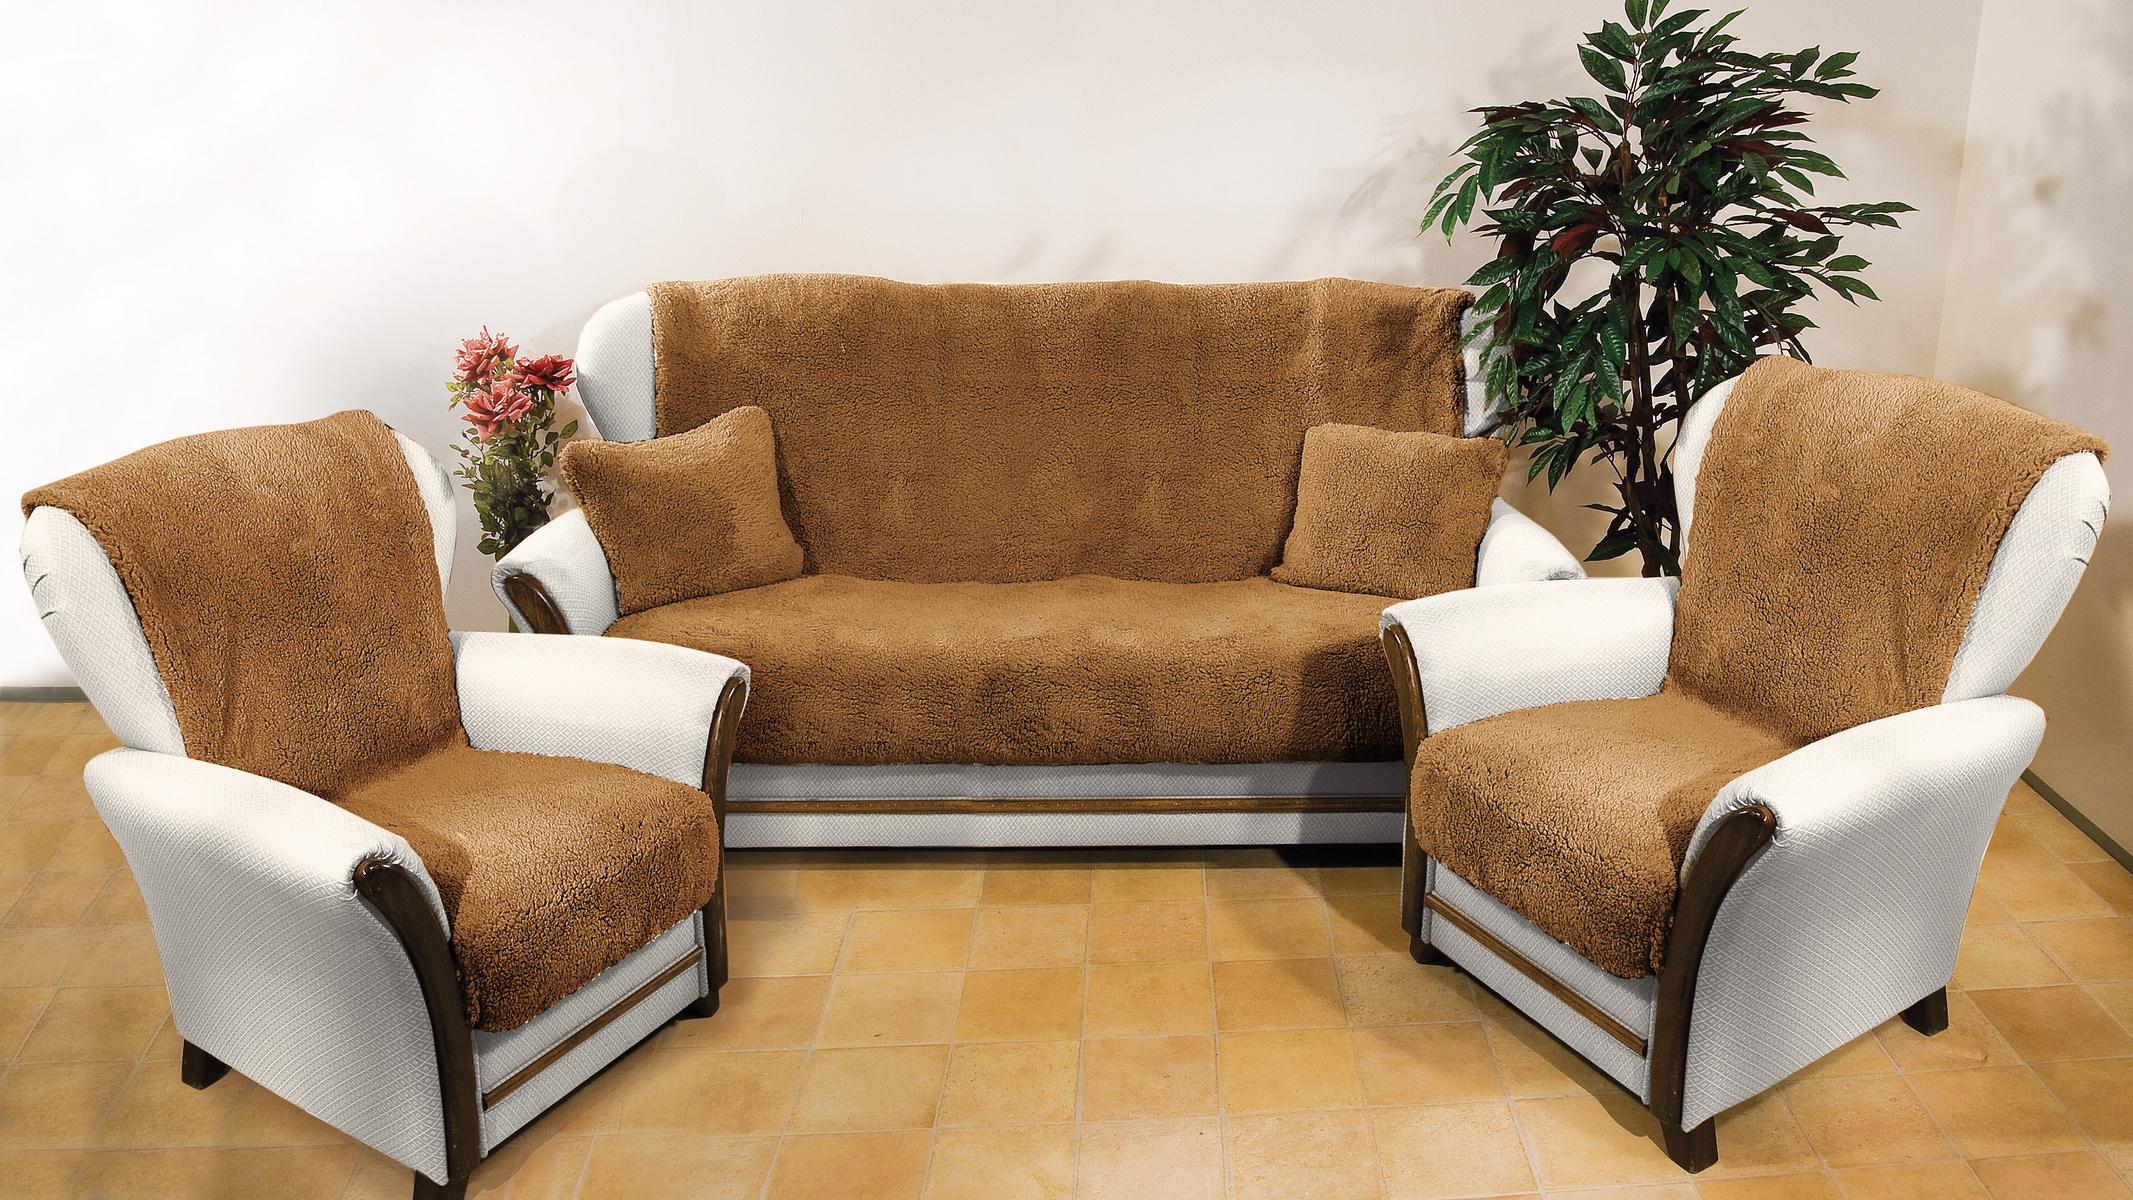 Zľava  4Home Prehozy na sedaciu súpravu Baránok tmavohnedá, 150 x 200 cm, 2 ks 65 x 150 cm